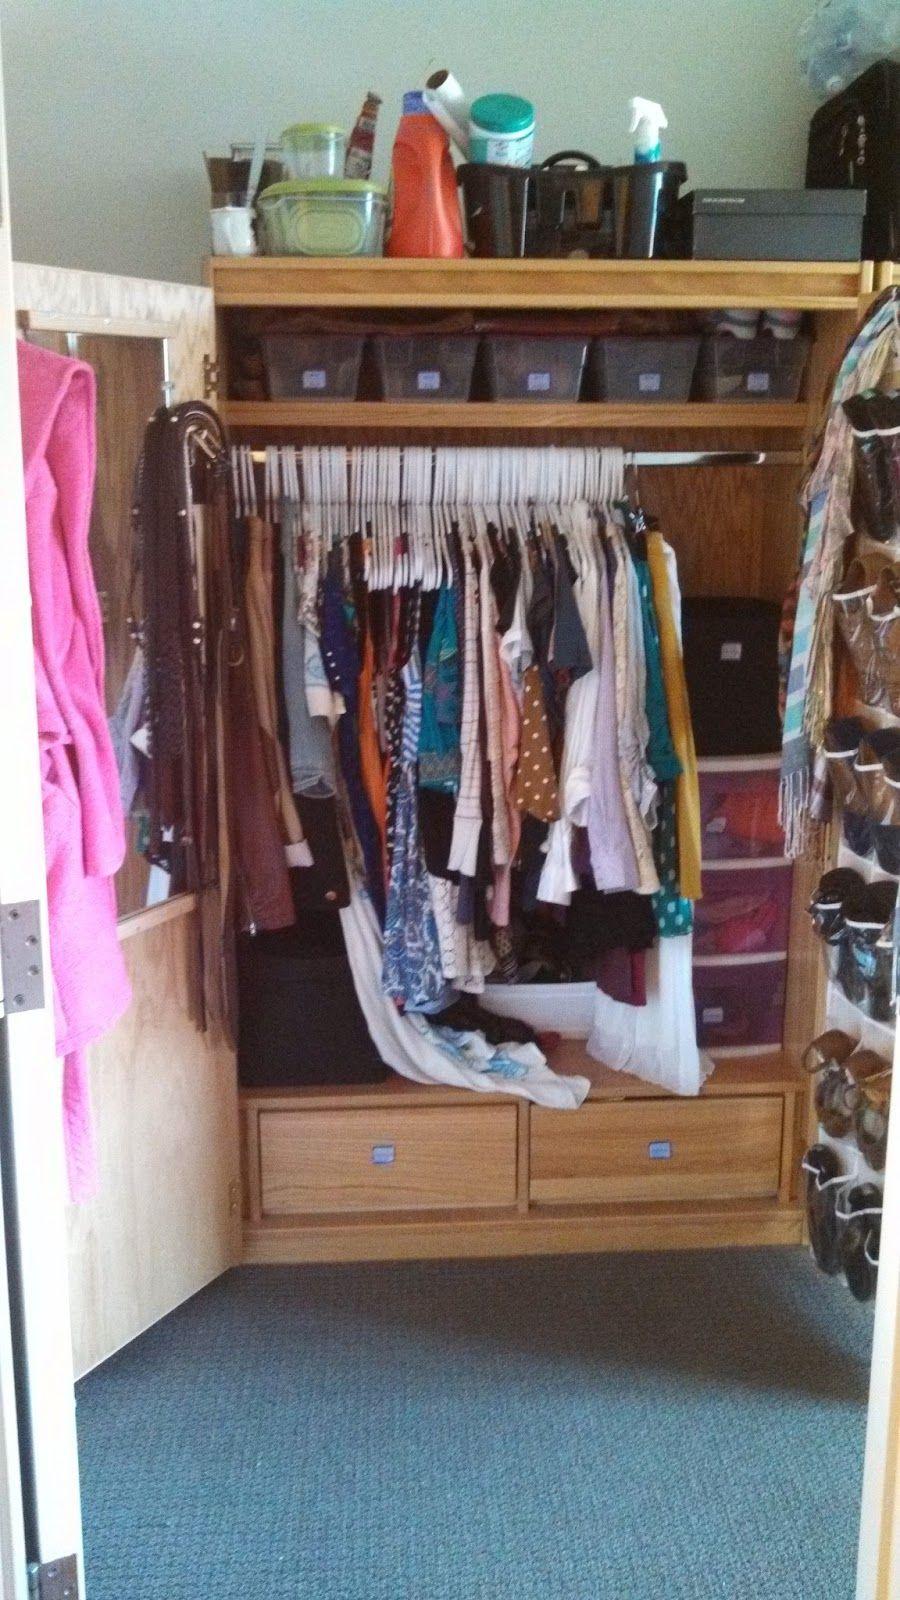 Dorm Room Closet: How To Organize Your College Dorm